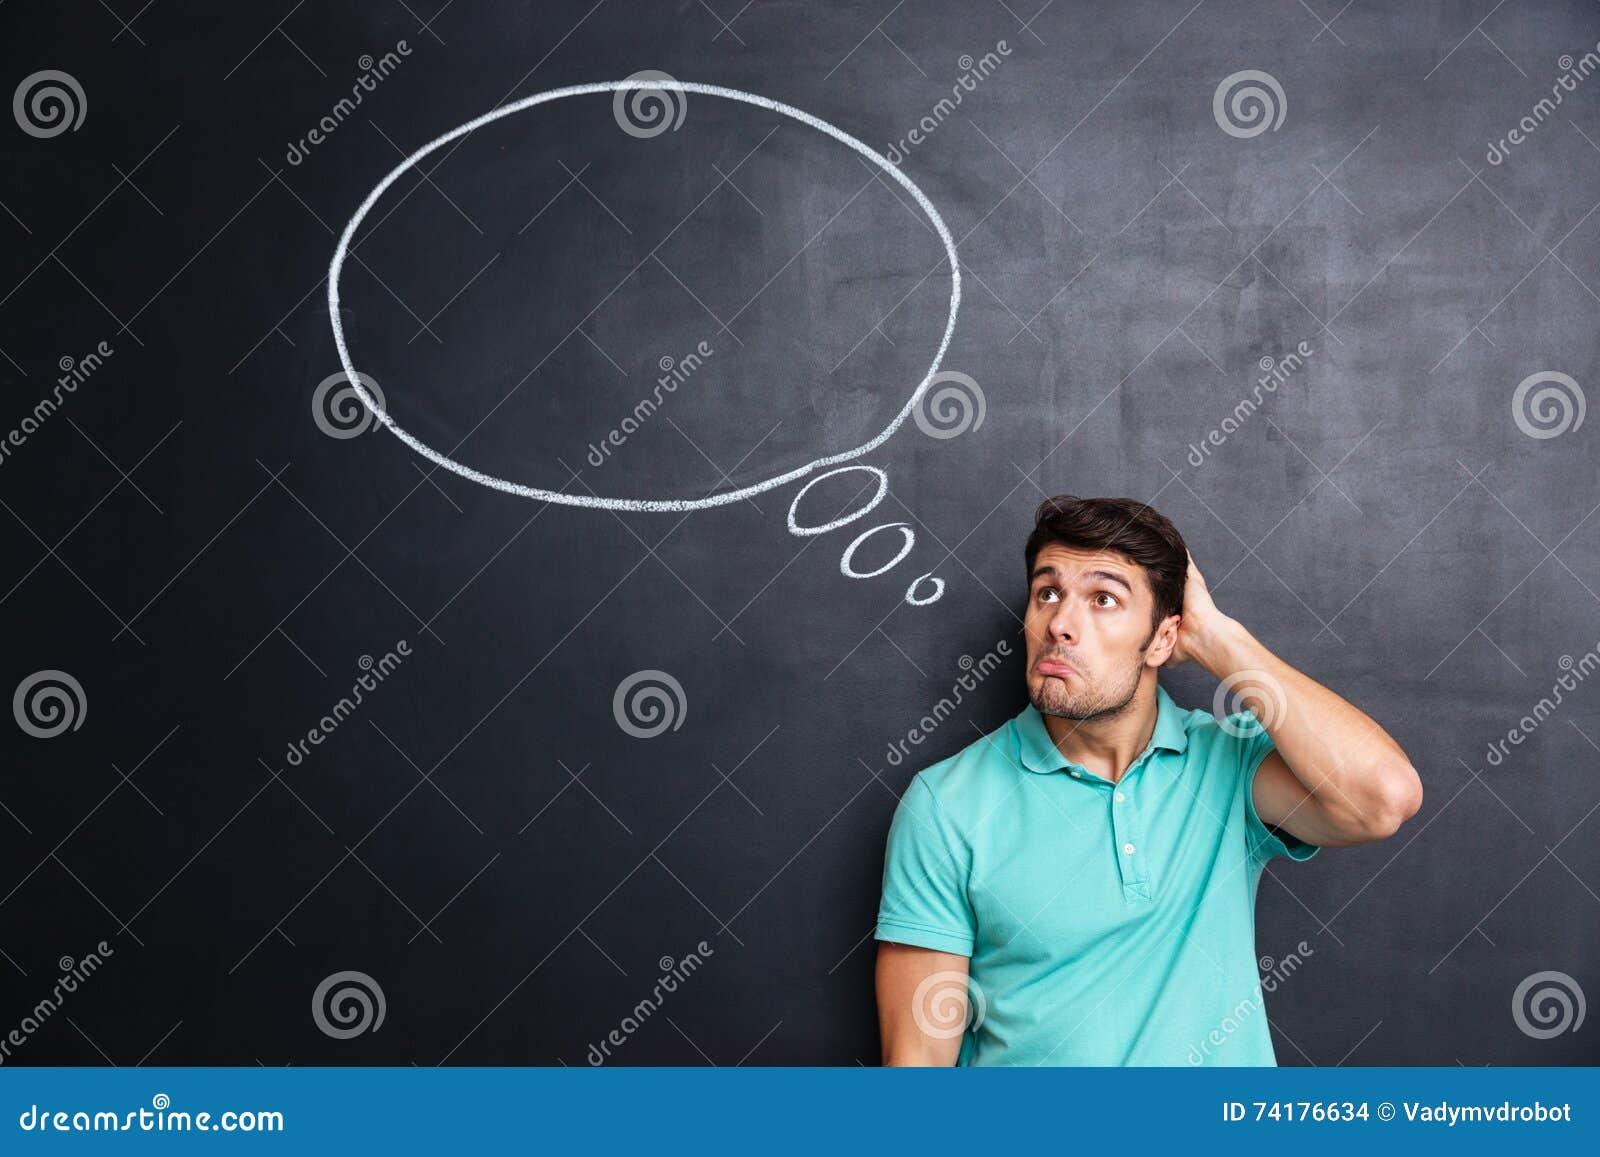 Rozważna zmieszana młody człowiek pozycja, główkowanie nad blackboard tłem i